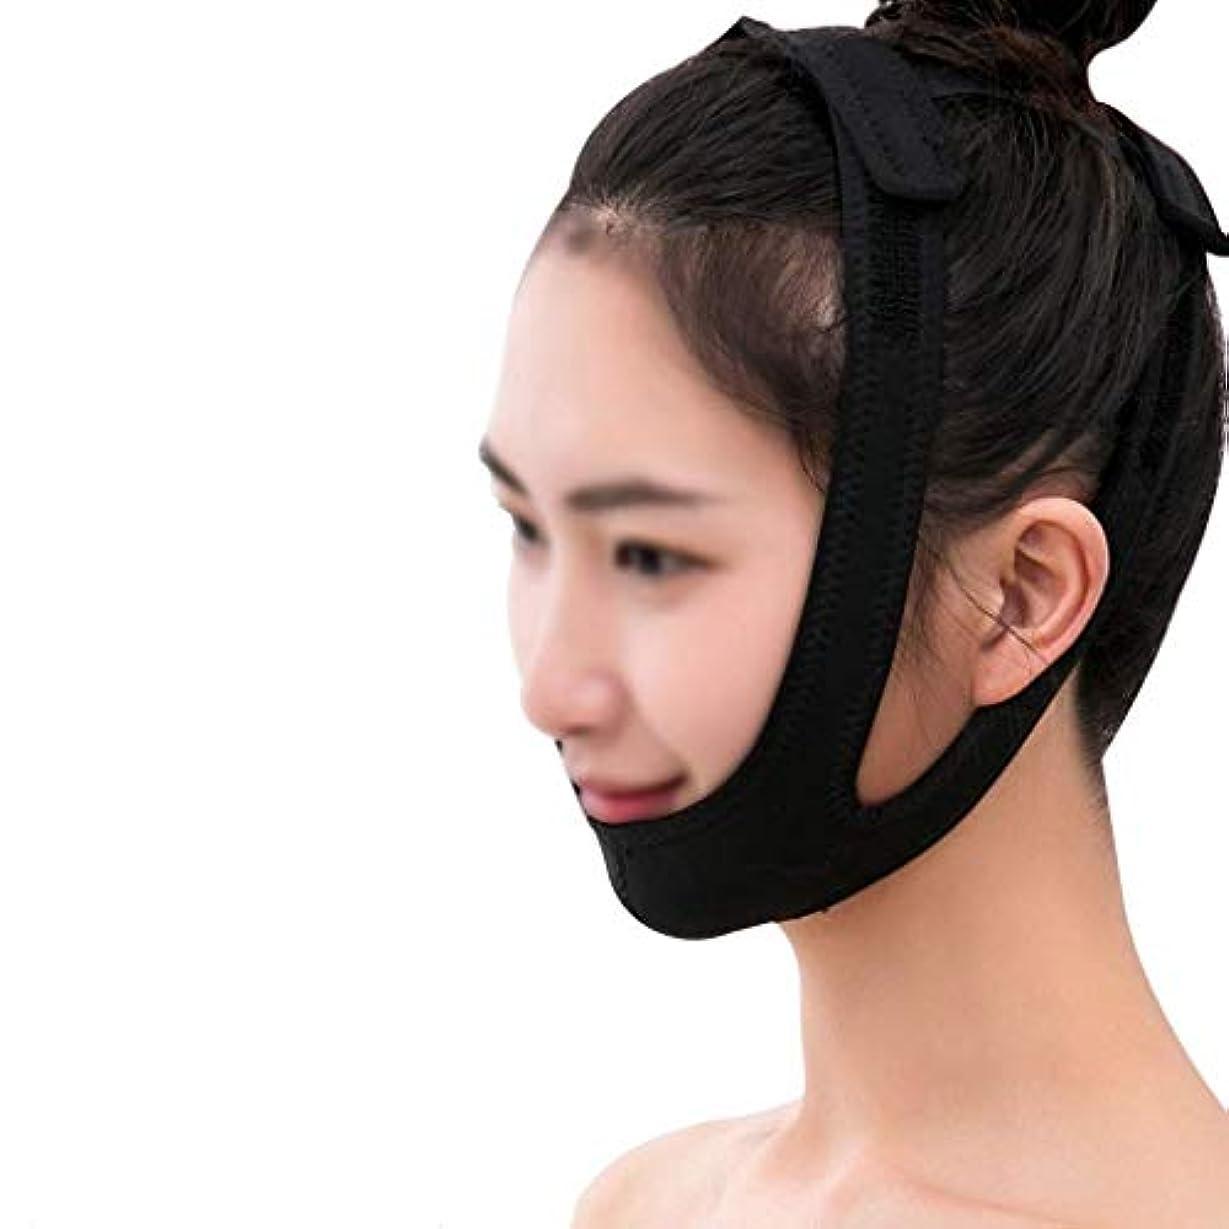 愛人叫び声永遠のフェイシャルリフティングマスク、医療用ワイヤーカービングリカバリーヘッドギアVフェイスバンデージダブルチンフェイスリフトマスク